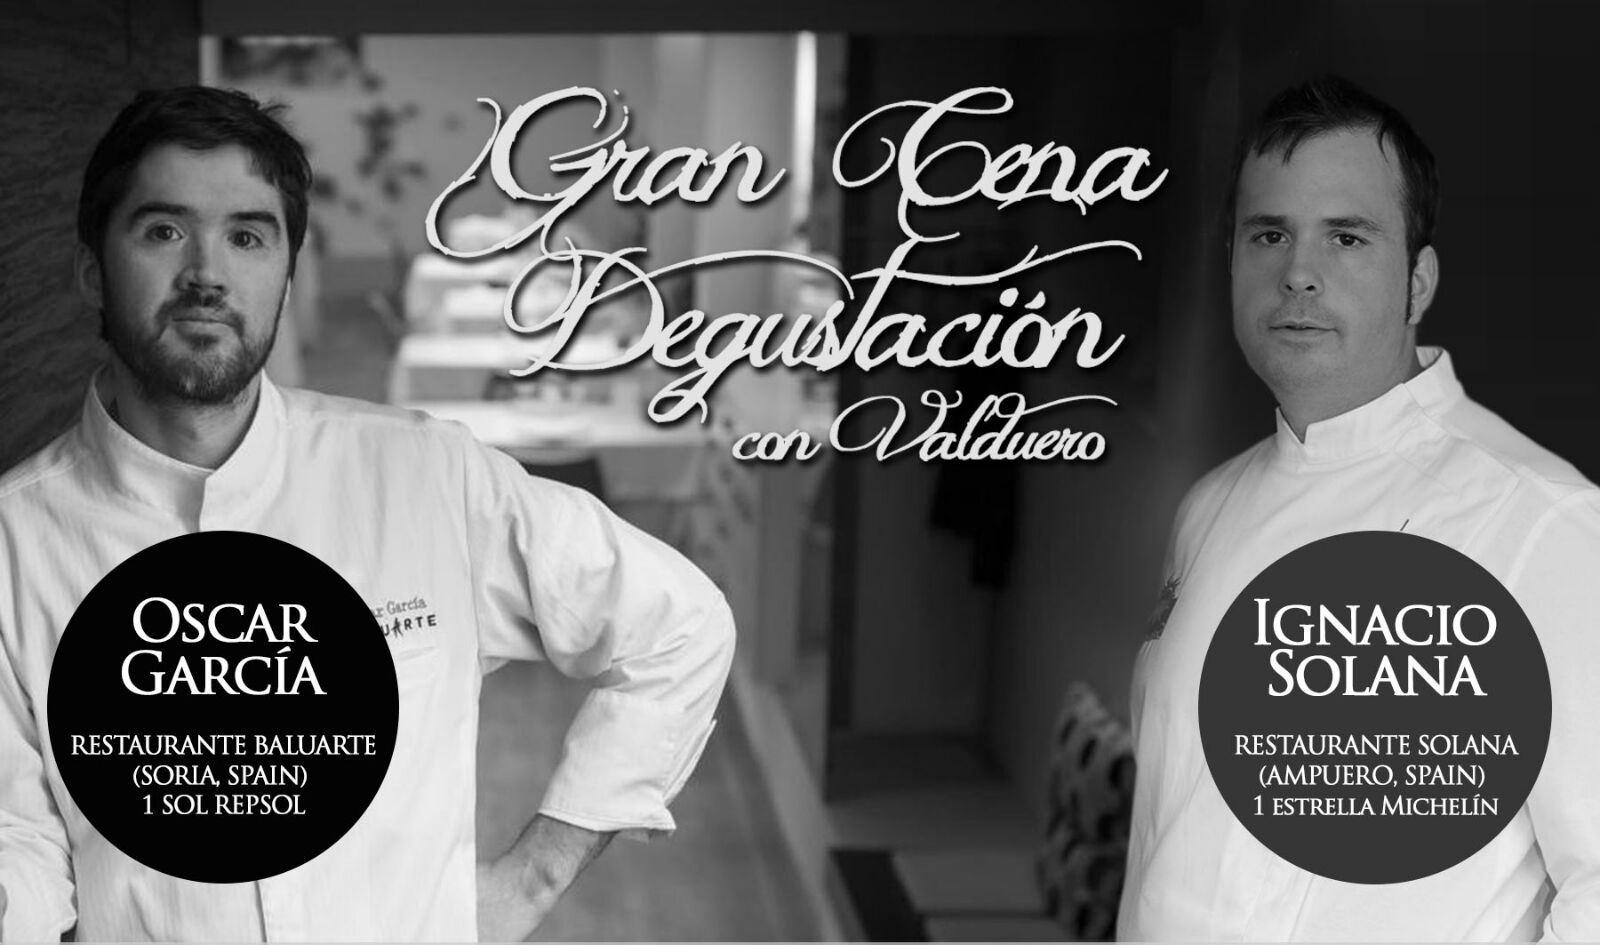 Bodegas Valduero presentará 2 cenas degustación en La Romana y en Santiago